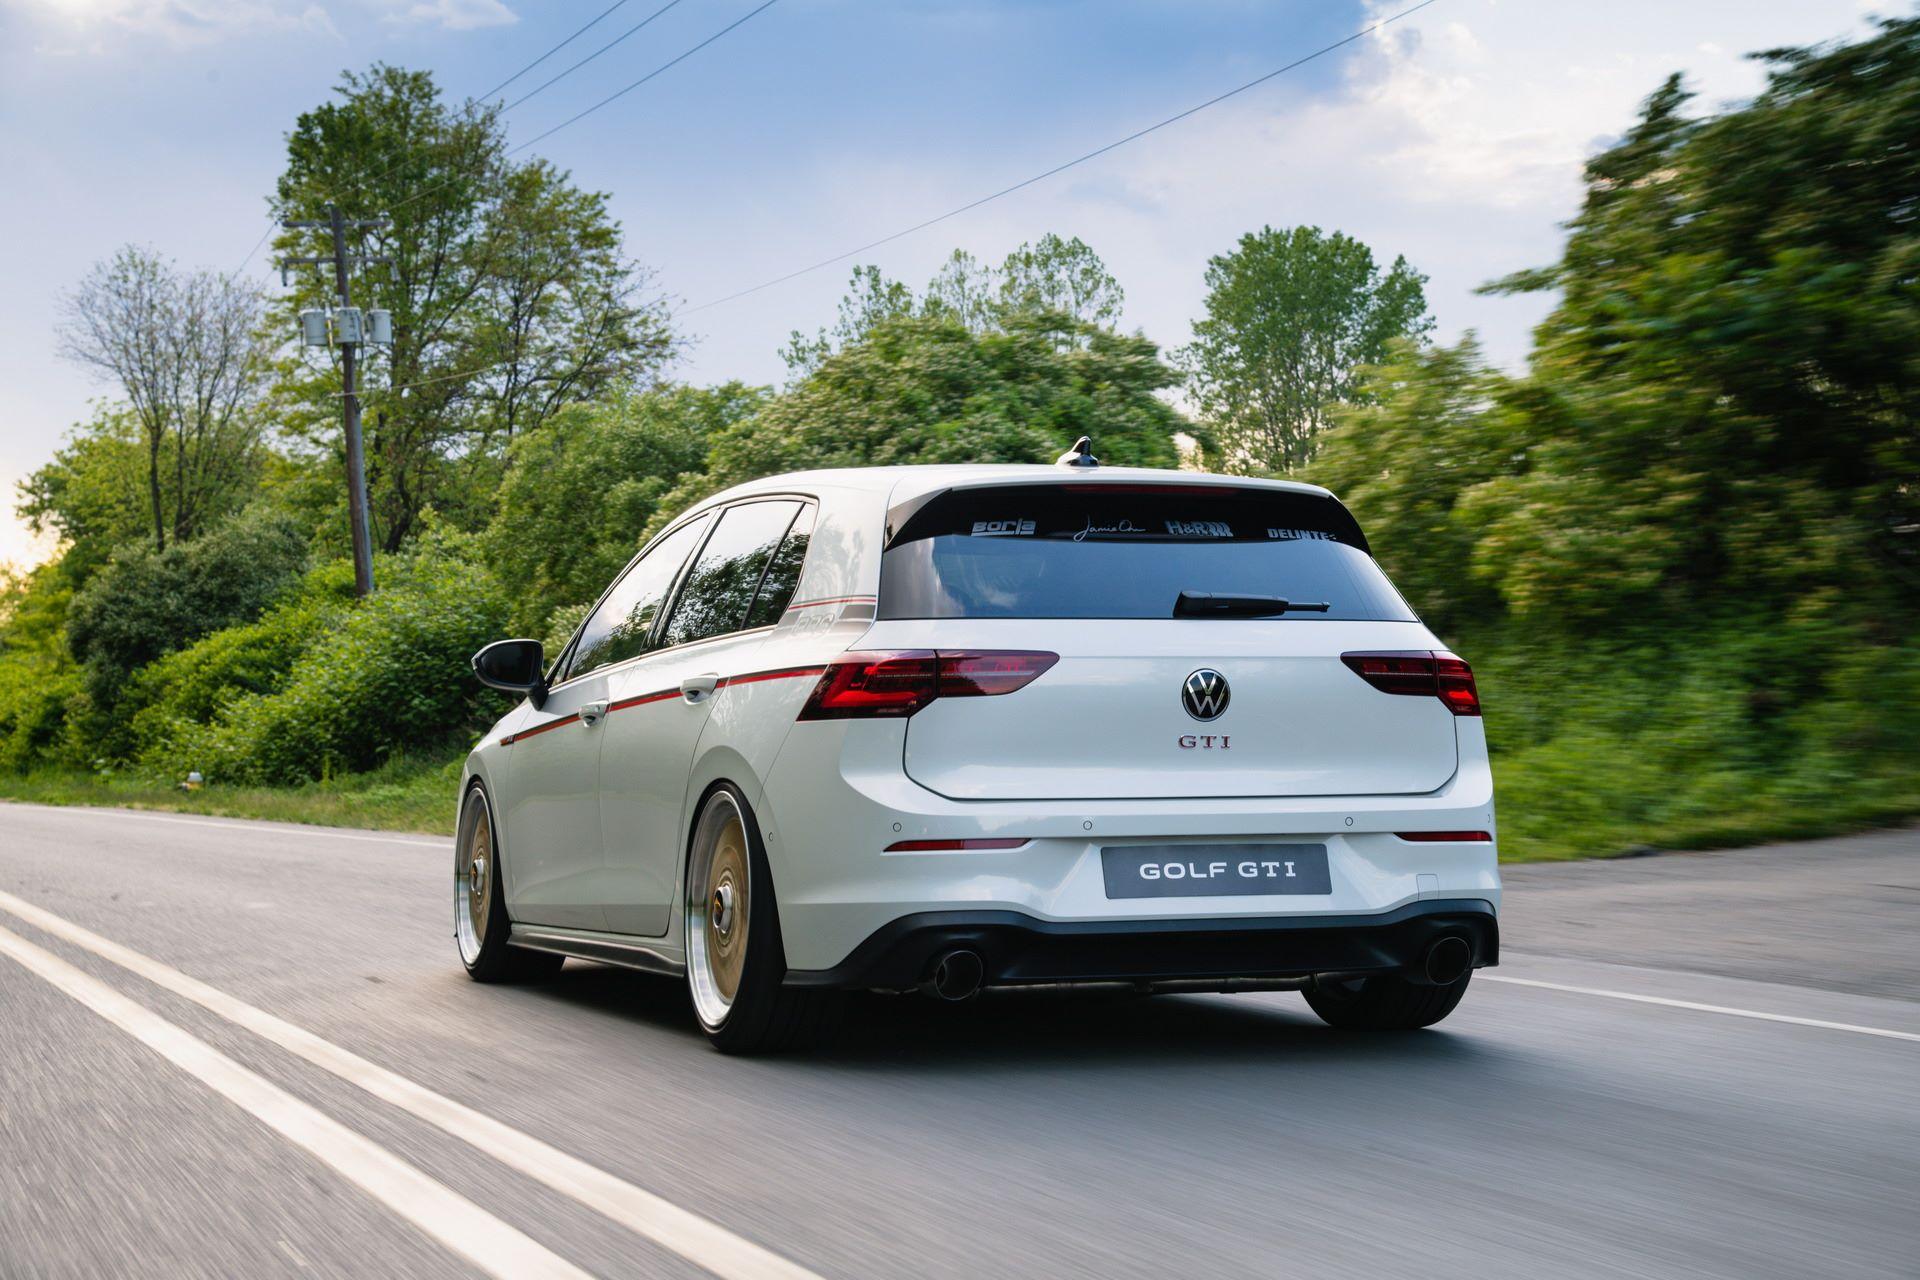 Volkswagen-Golf-GTI-BBS-Concept-6